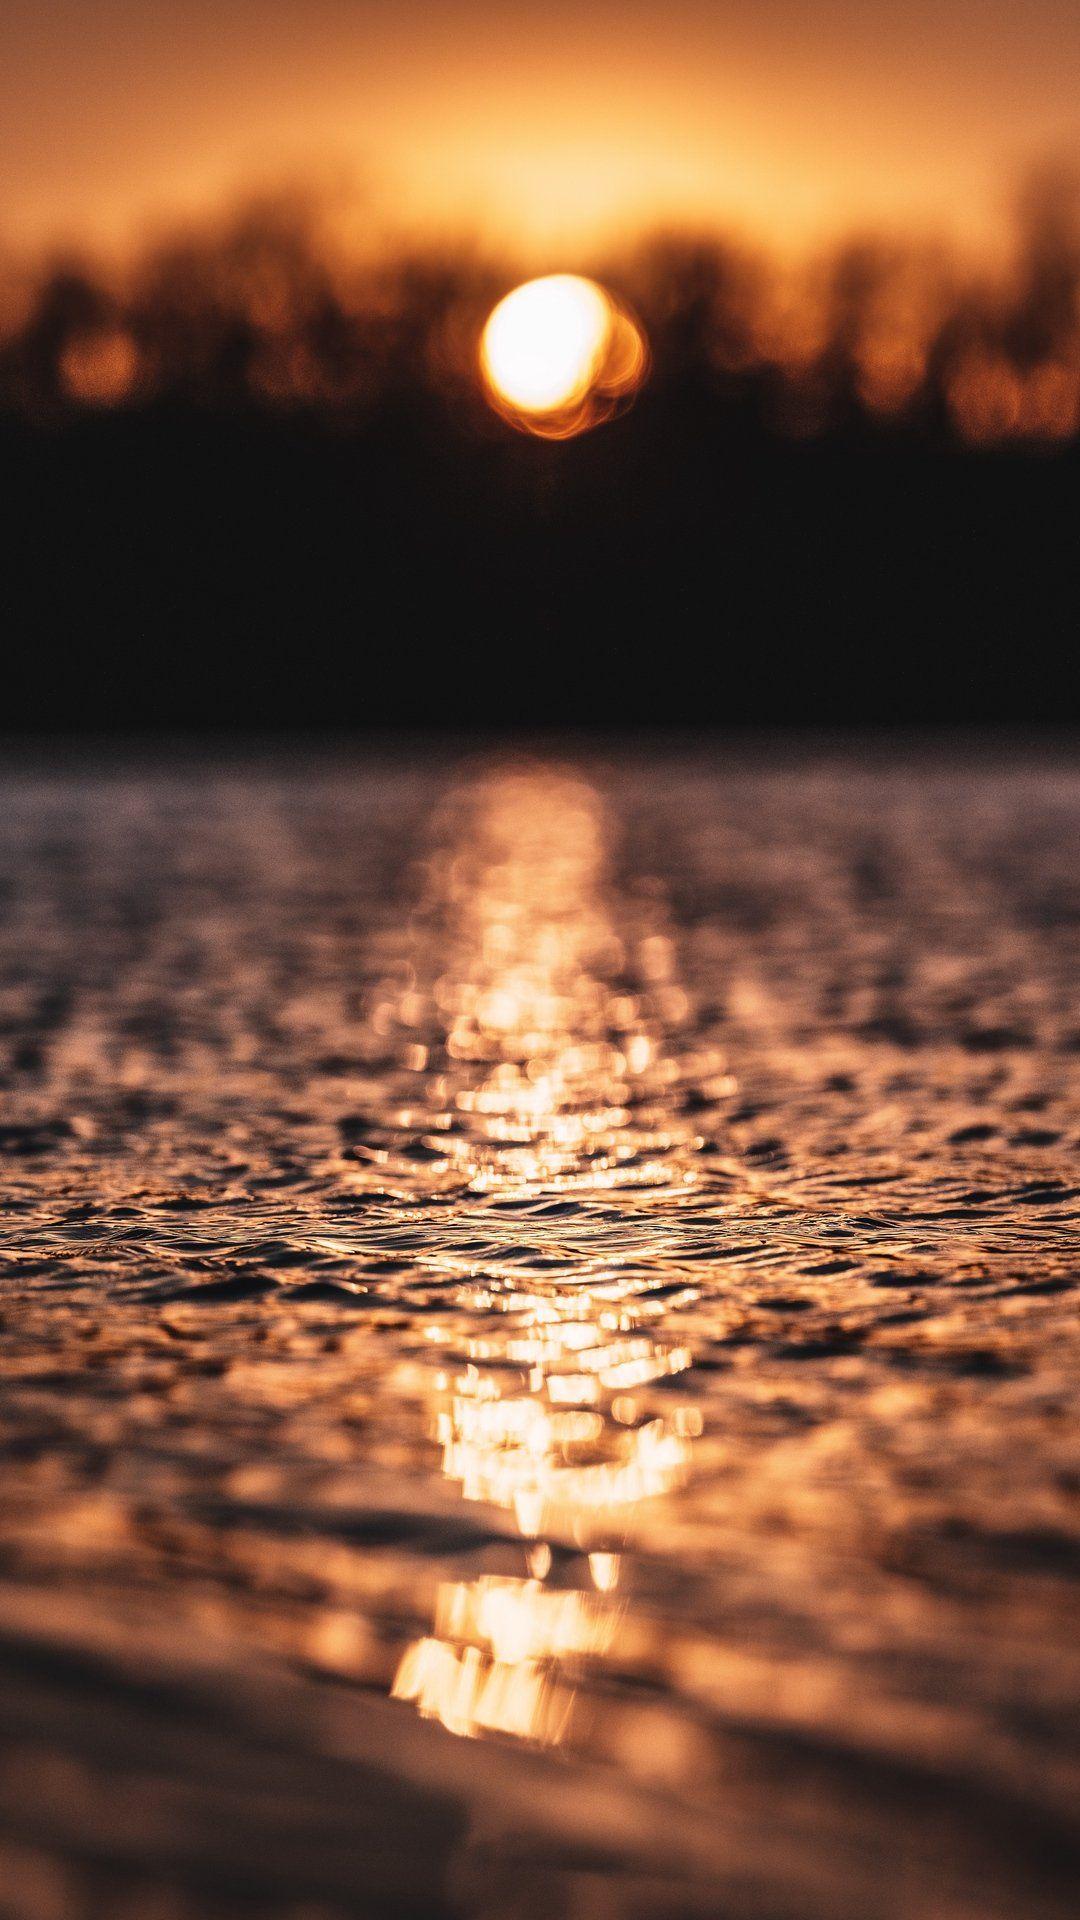 خلفيات آيفون بحر Sunset Background Celestial